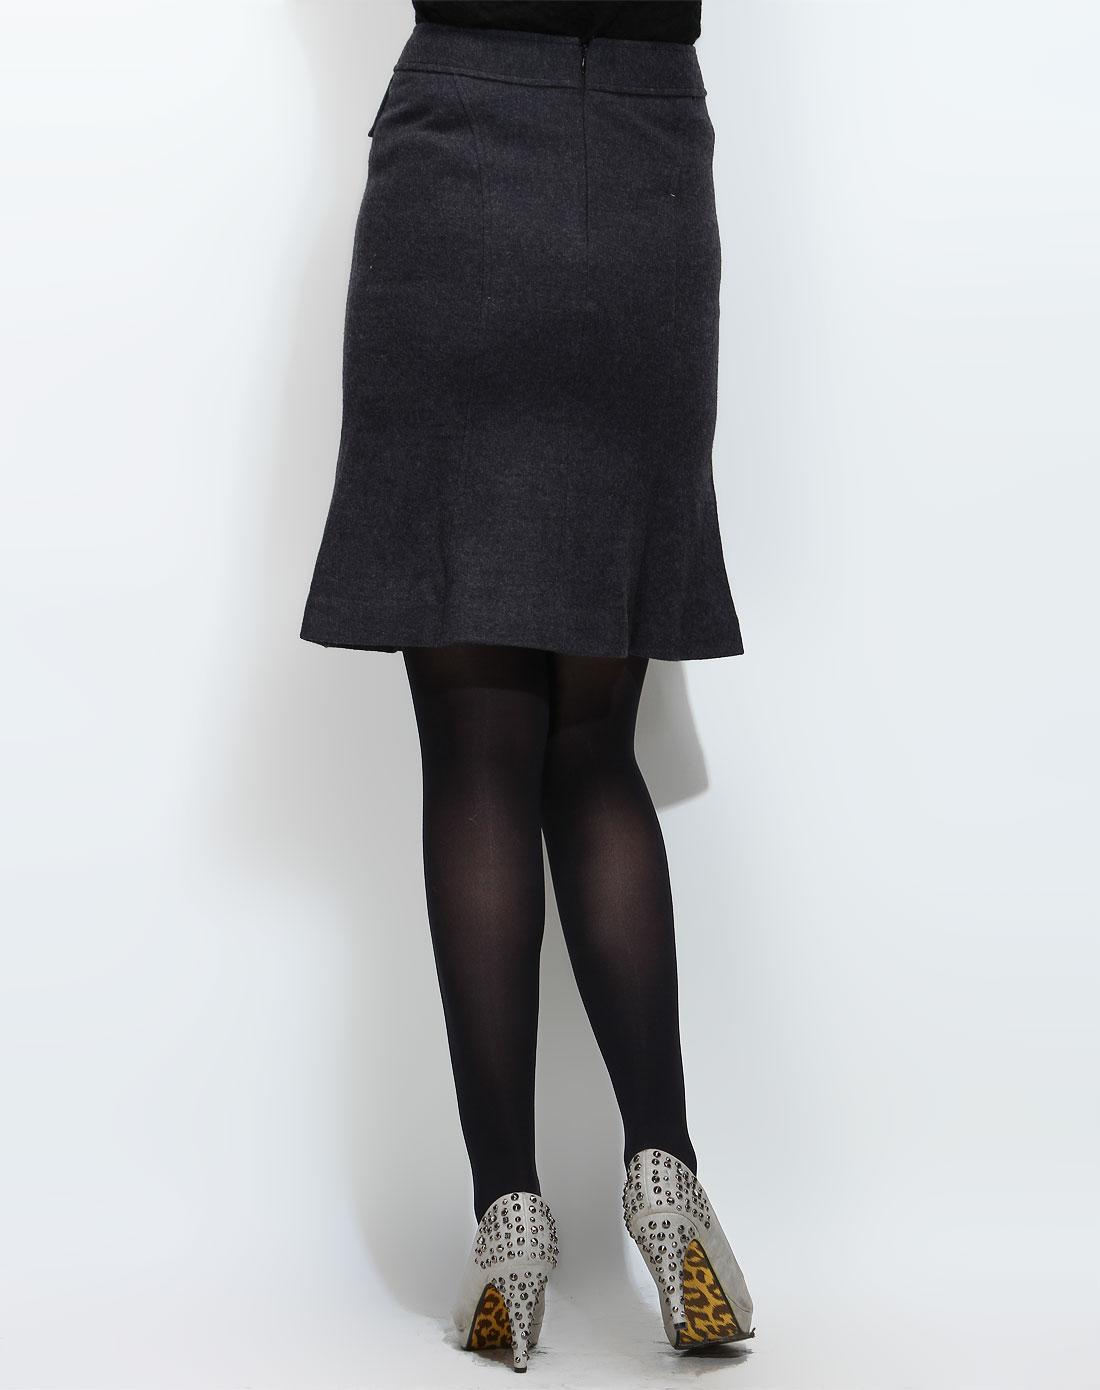 x-深灰色休闲中裙